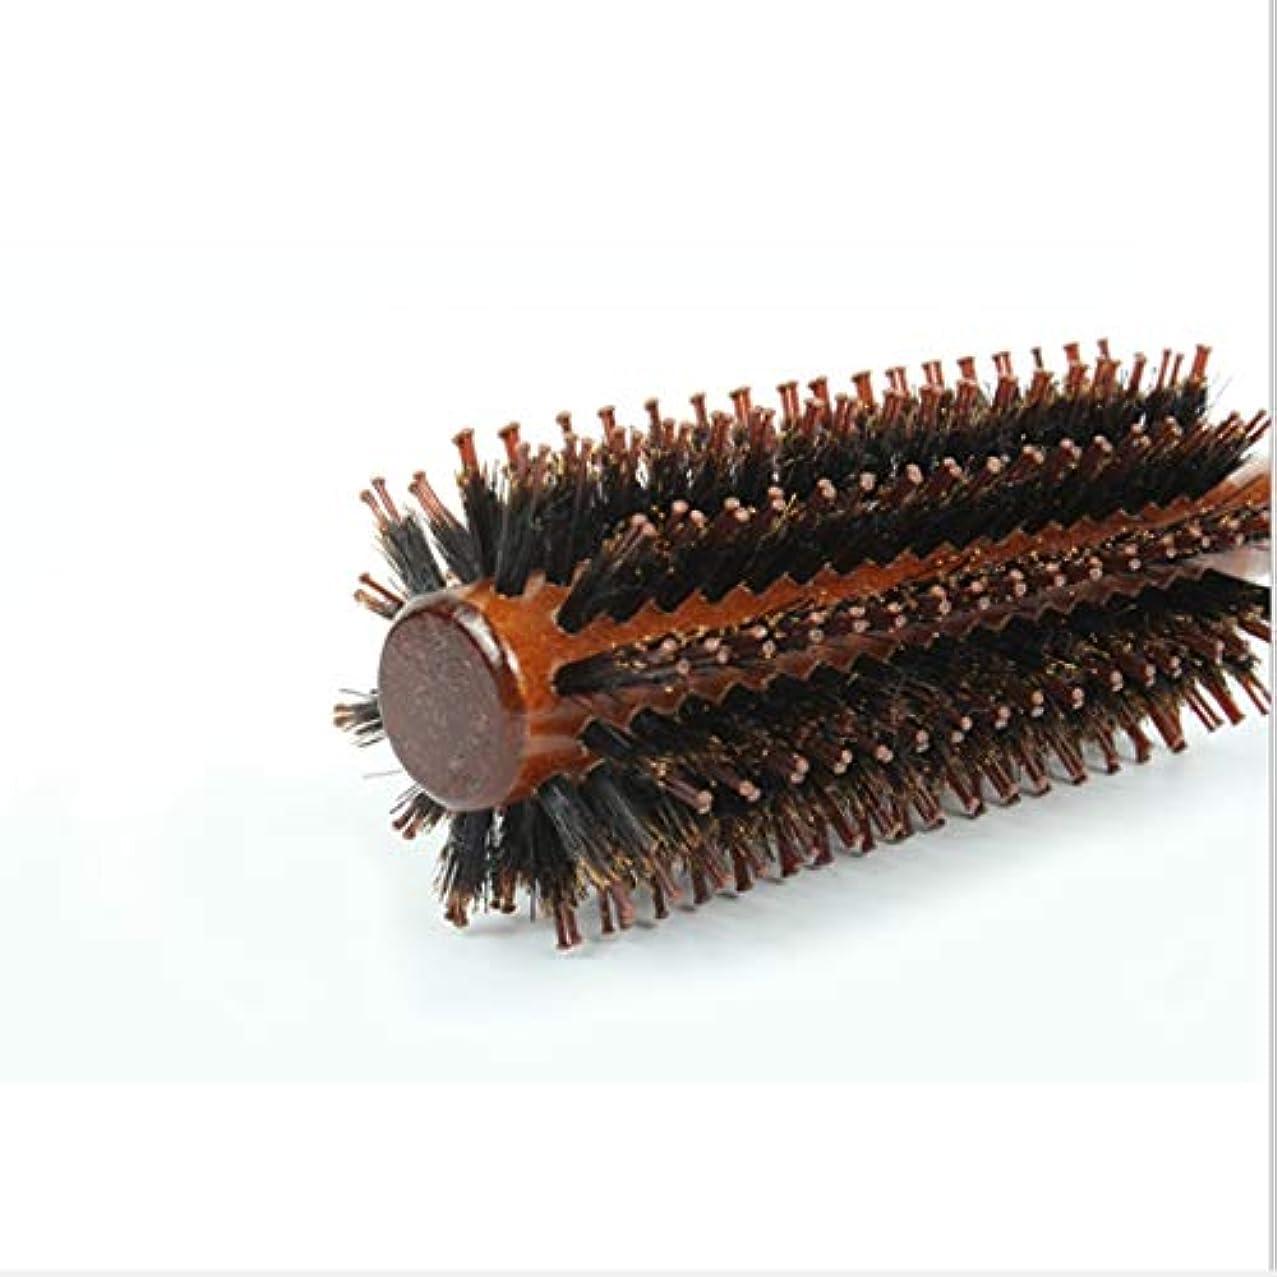 介入する回復動くGuomao 女性のためのストレート&ツイルヘアコームラウンドバレルヘアブラシ-22インチの長さ (サイズ : Straight-S)